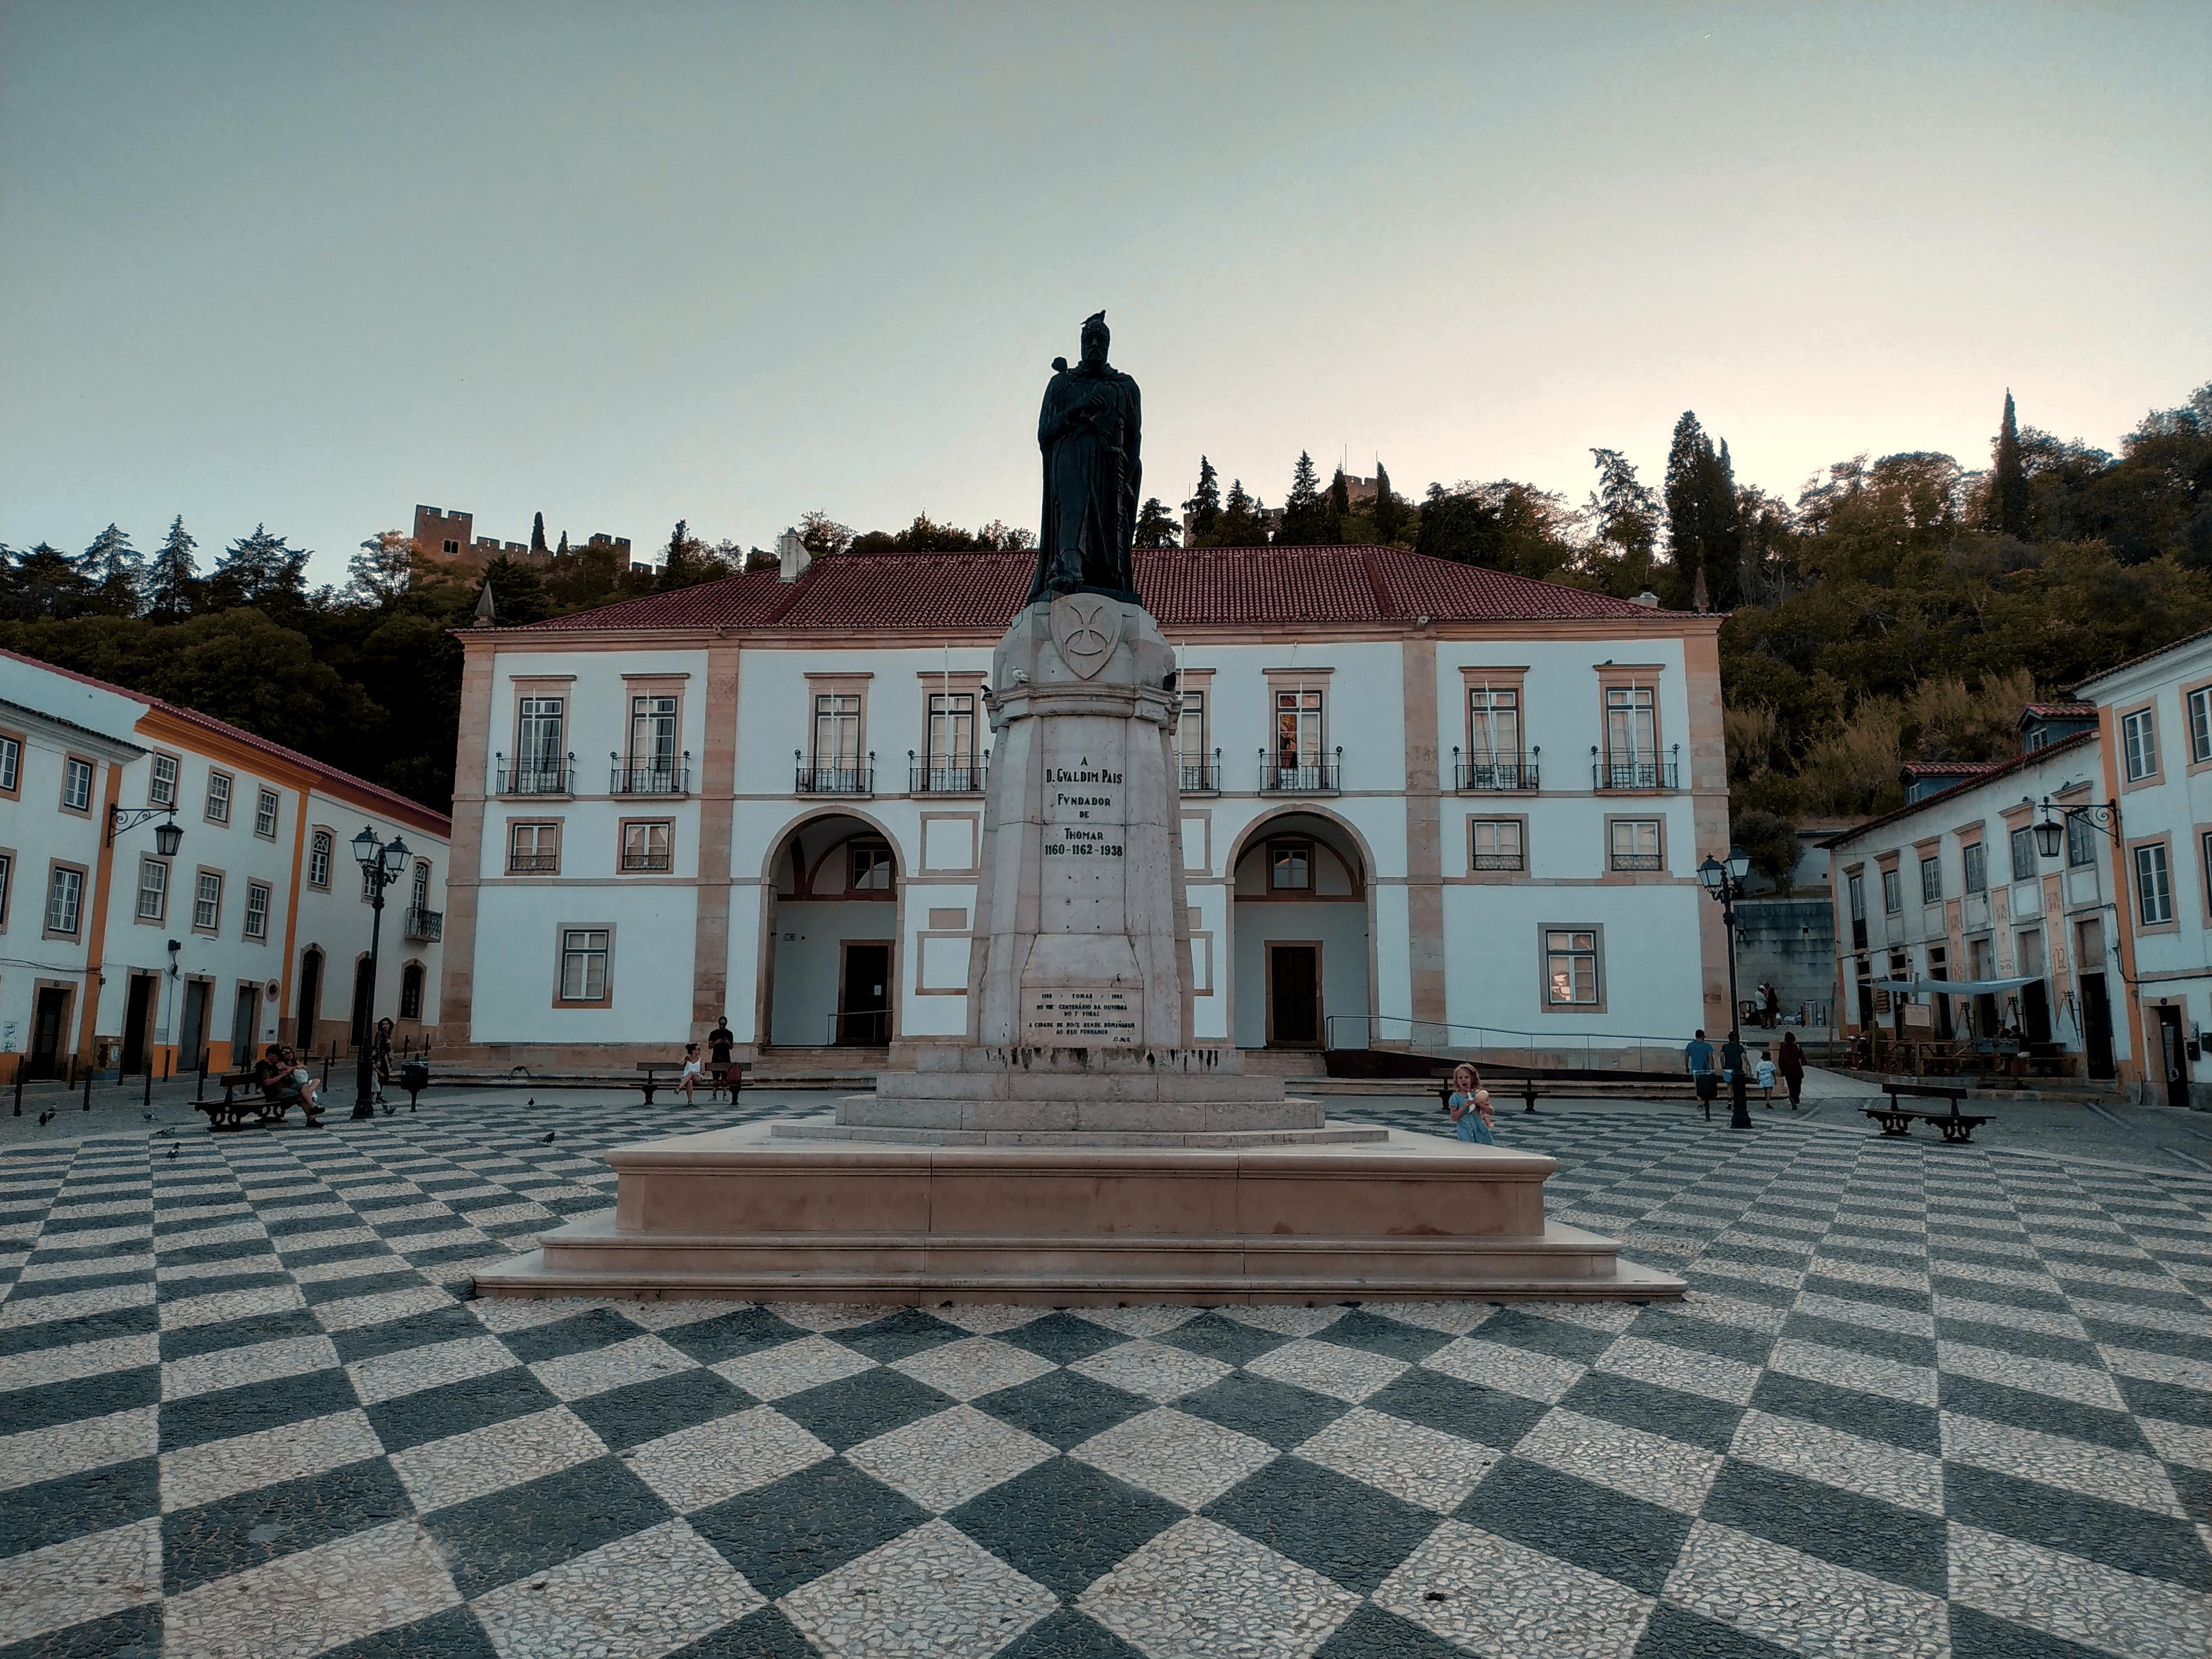 gualdim pais statue in the main square of Tomar